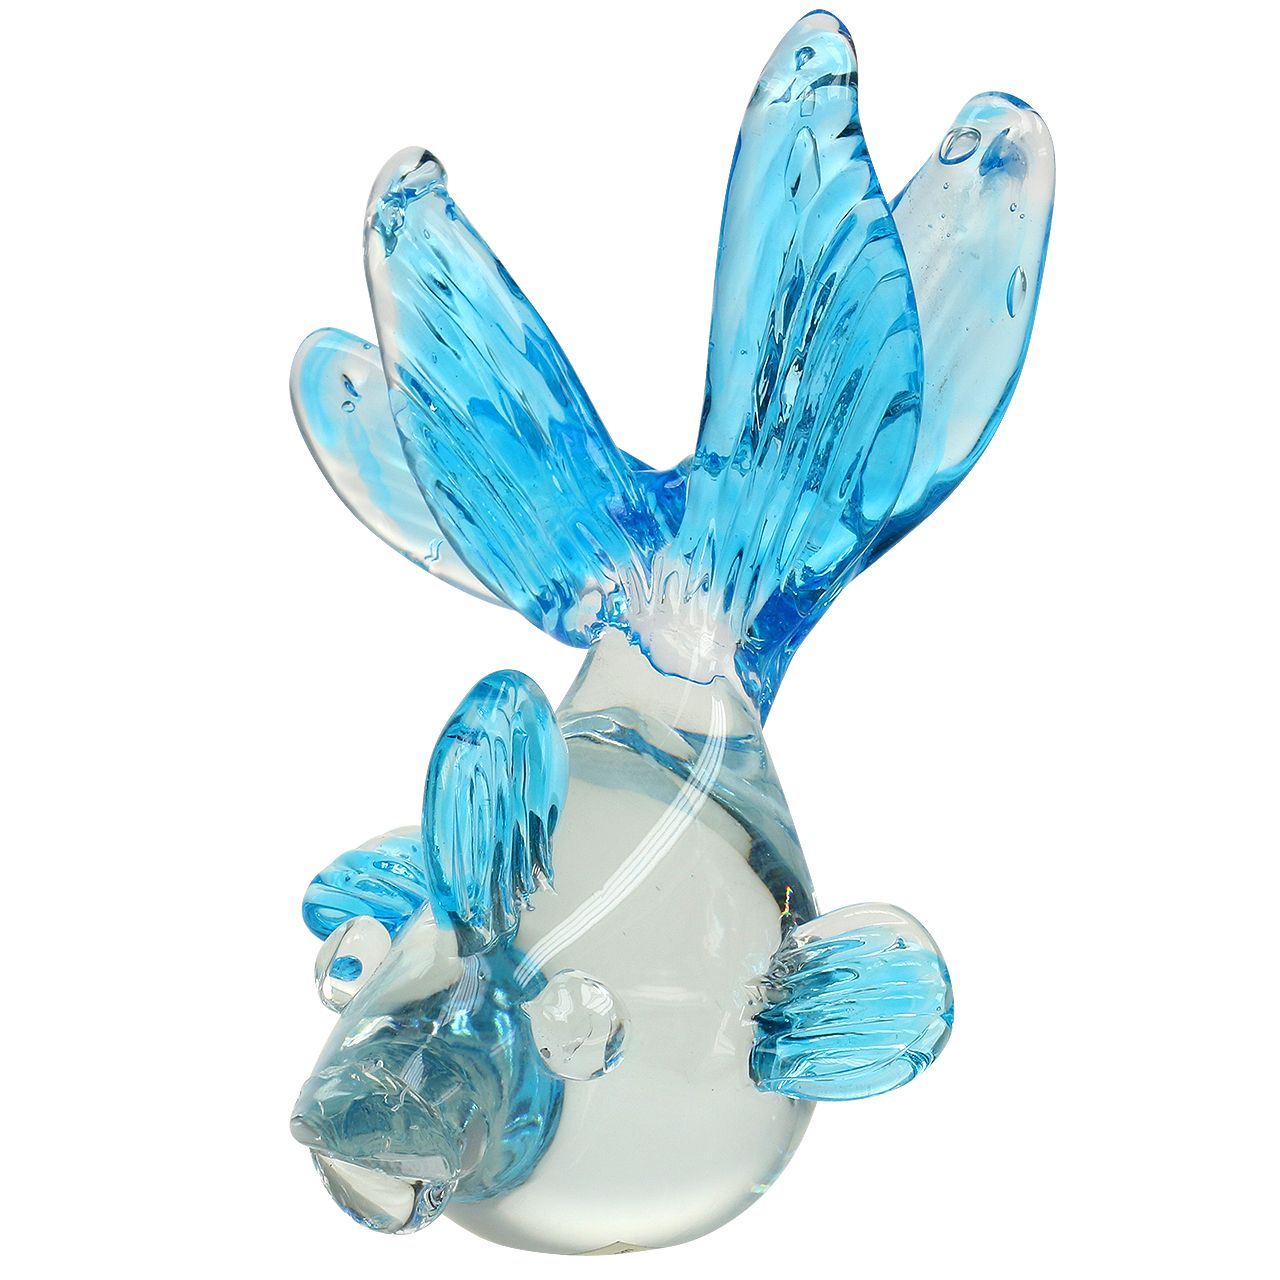 deko fisch aus glas klar blau 15cm preiswert online kaufen. Black Bedroom Furniture Sets. Home Design Ideas